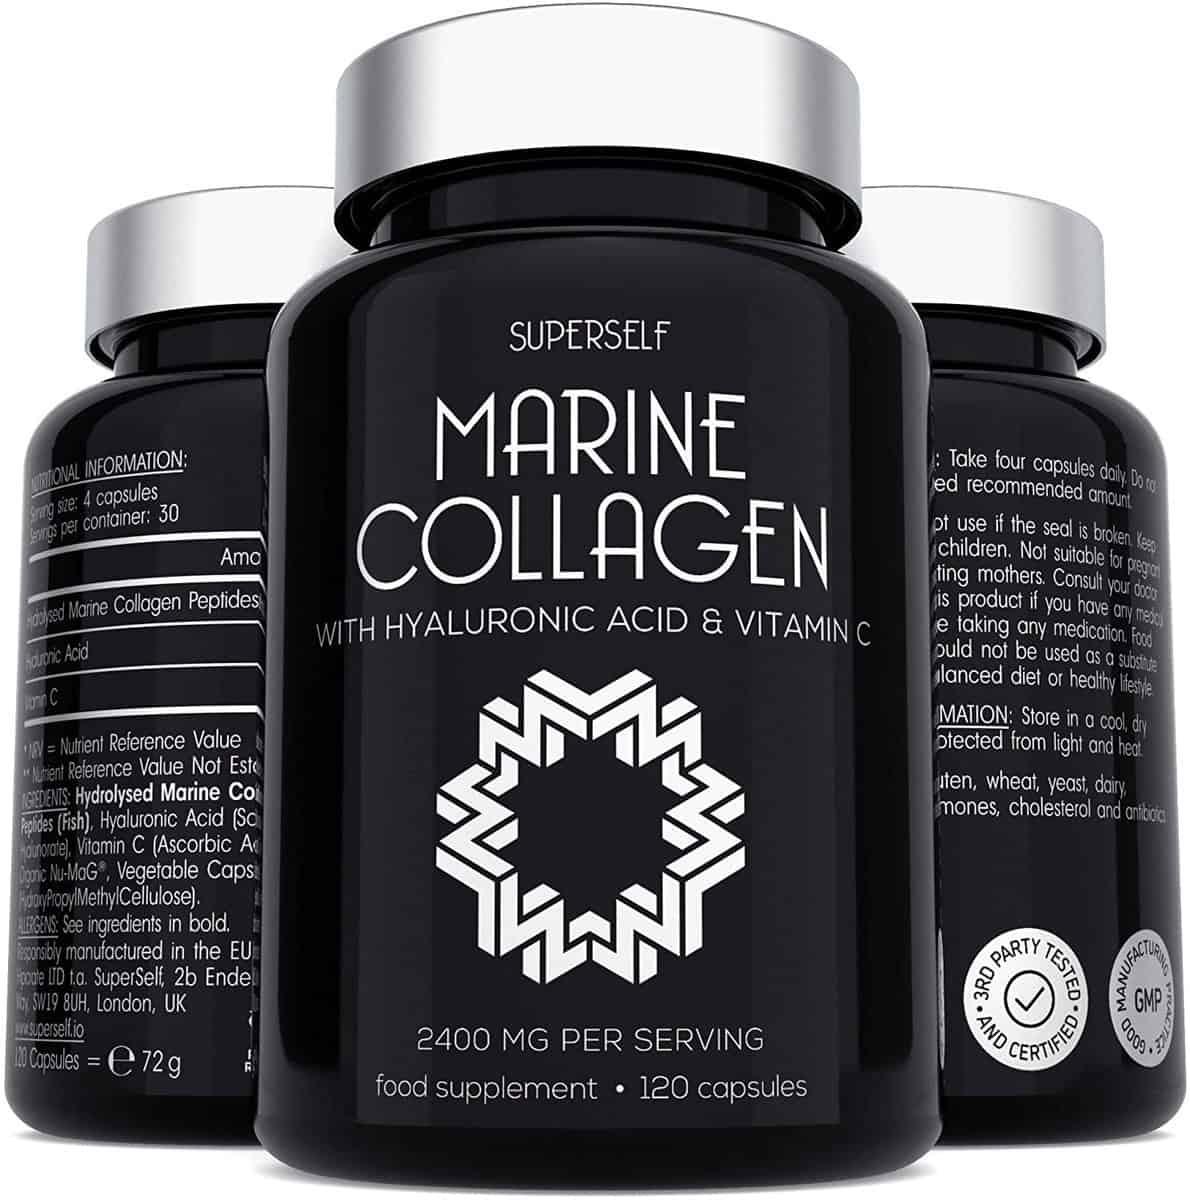 SuperSelf Marine Collagen Supplement